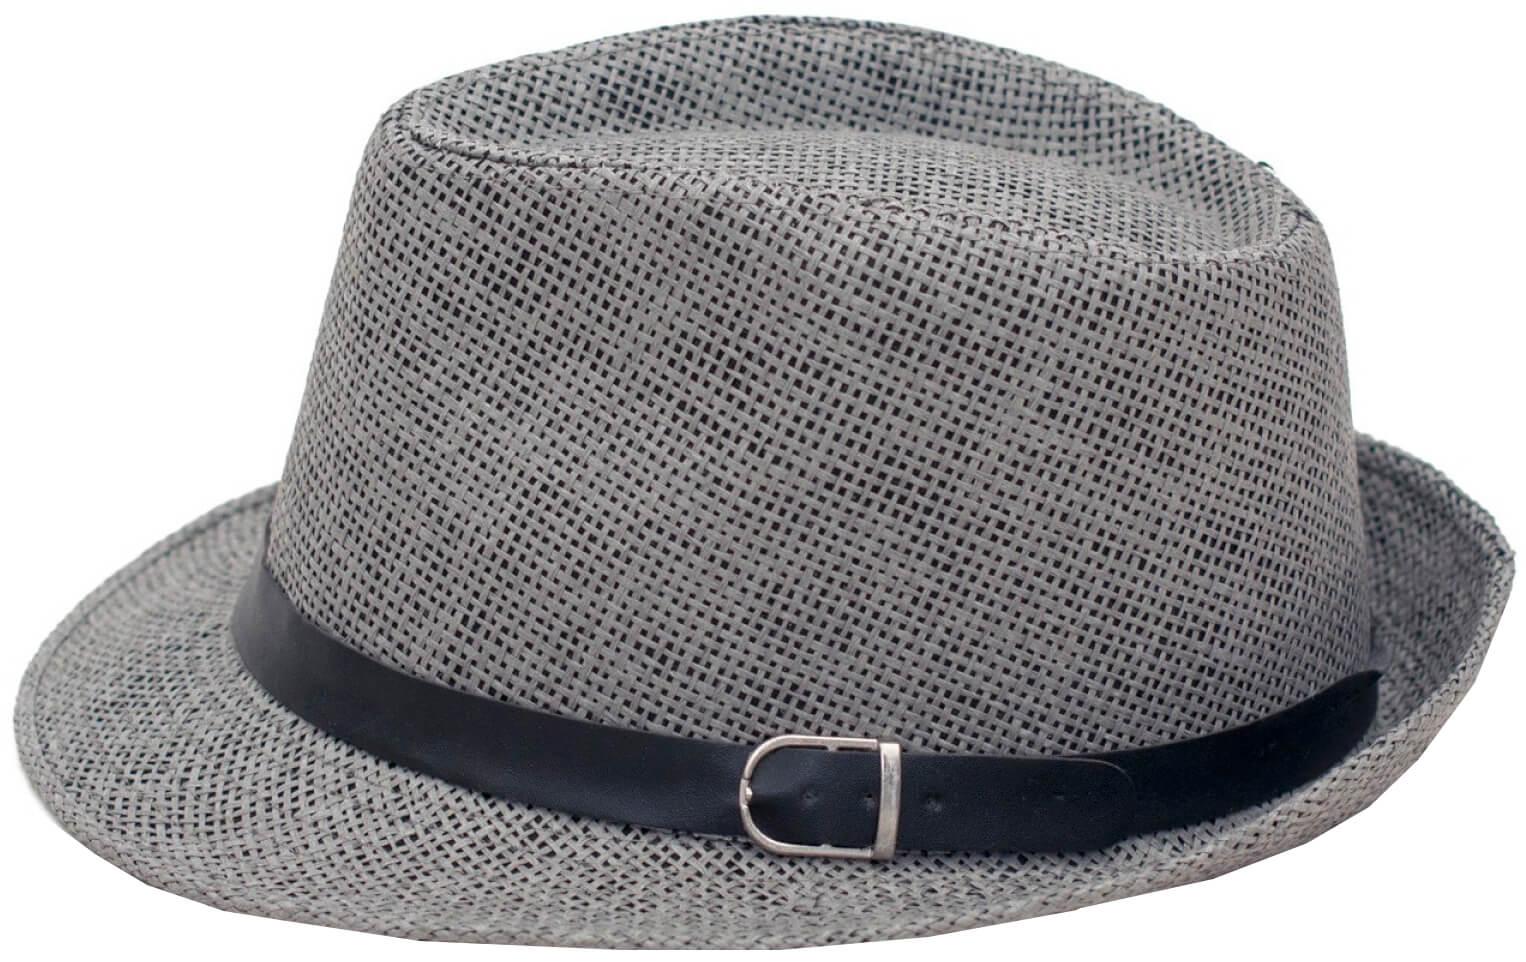 Art of Polo Letní klobouk - šedý cz16120.9  24515f2146